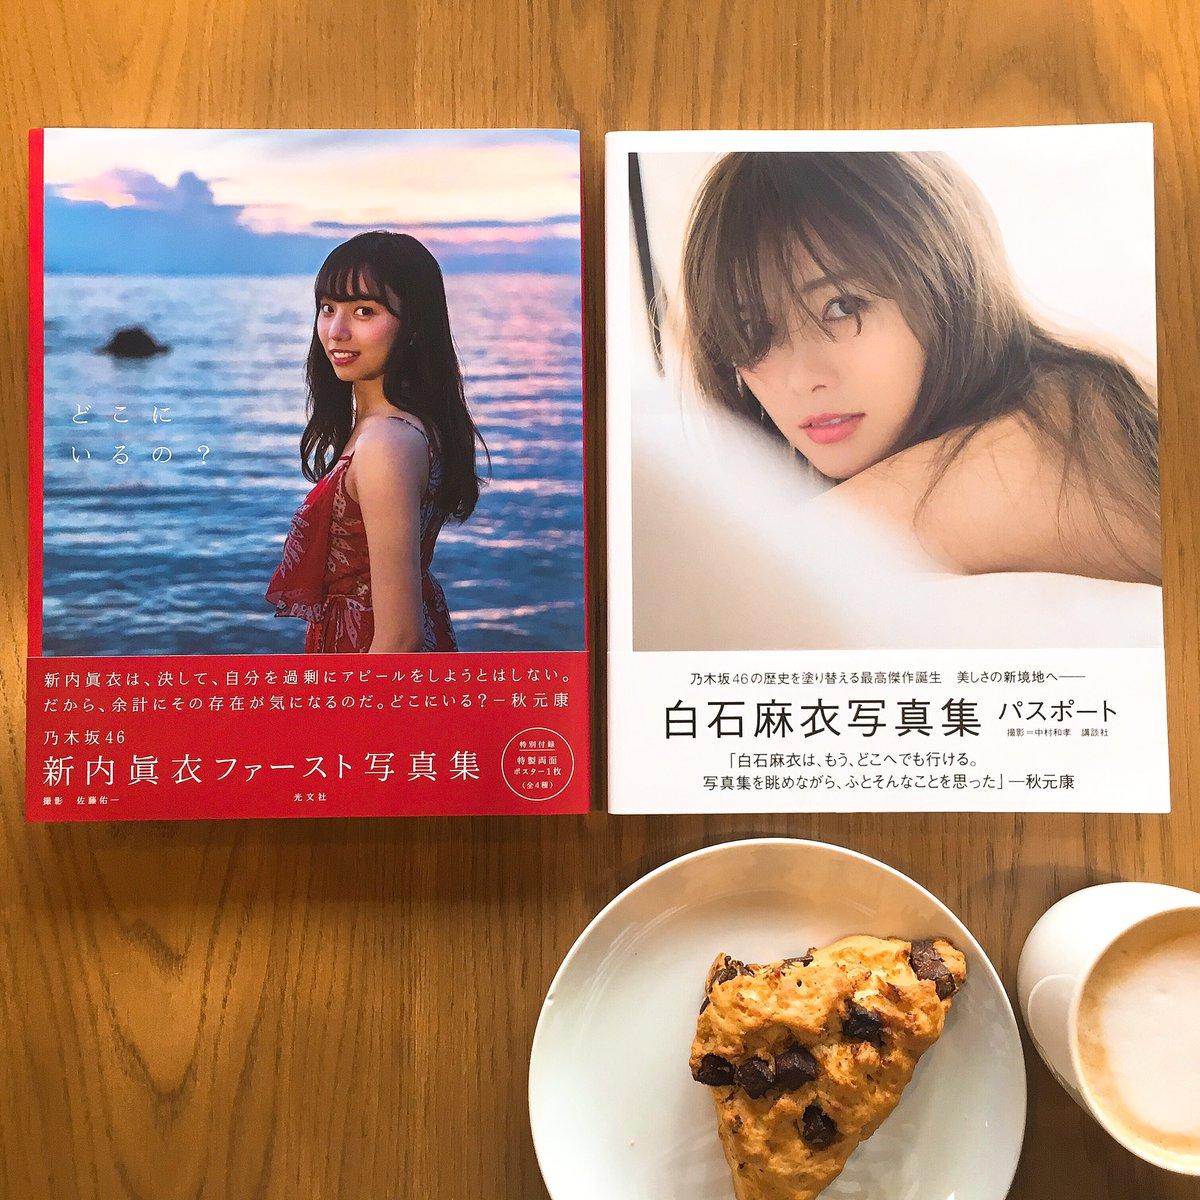 乃木坂46さん、3年連続紅白出場おめでとうございます!🎉🎉🎉🎉  新内眞衣さんの写真集と、白石麻衣さんの写...